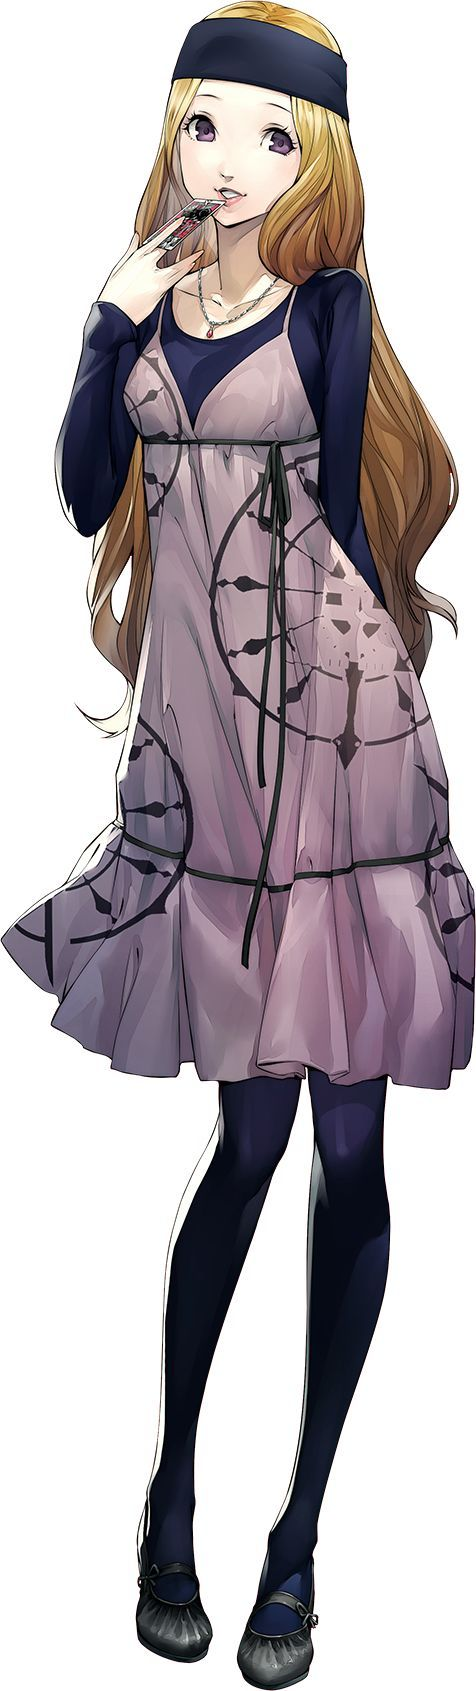 Chihaya Mifune from Persona 5 #chihayaMifune #persona5 #cosplayclass